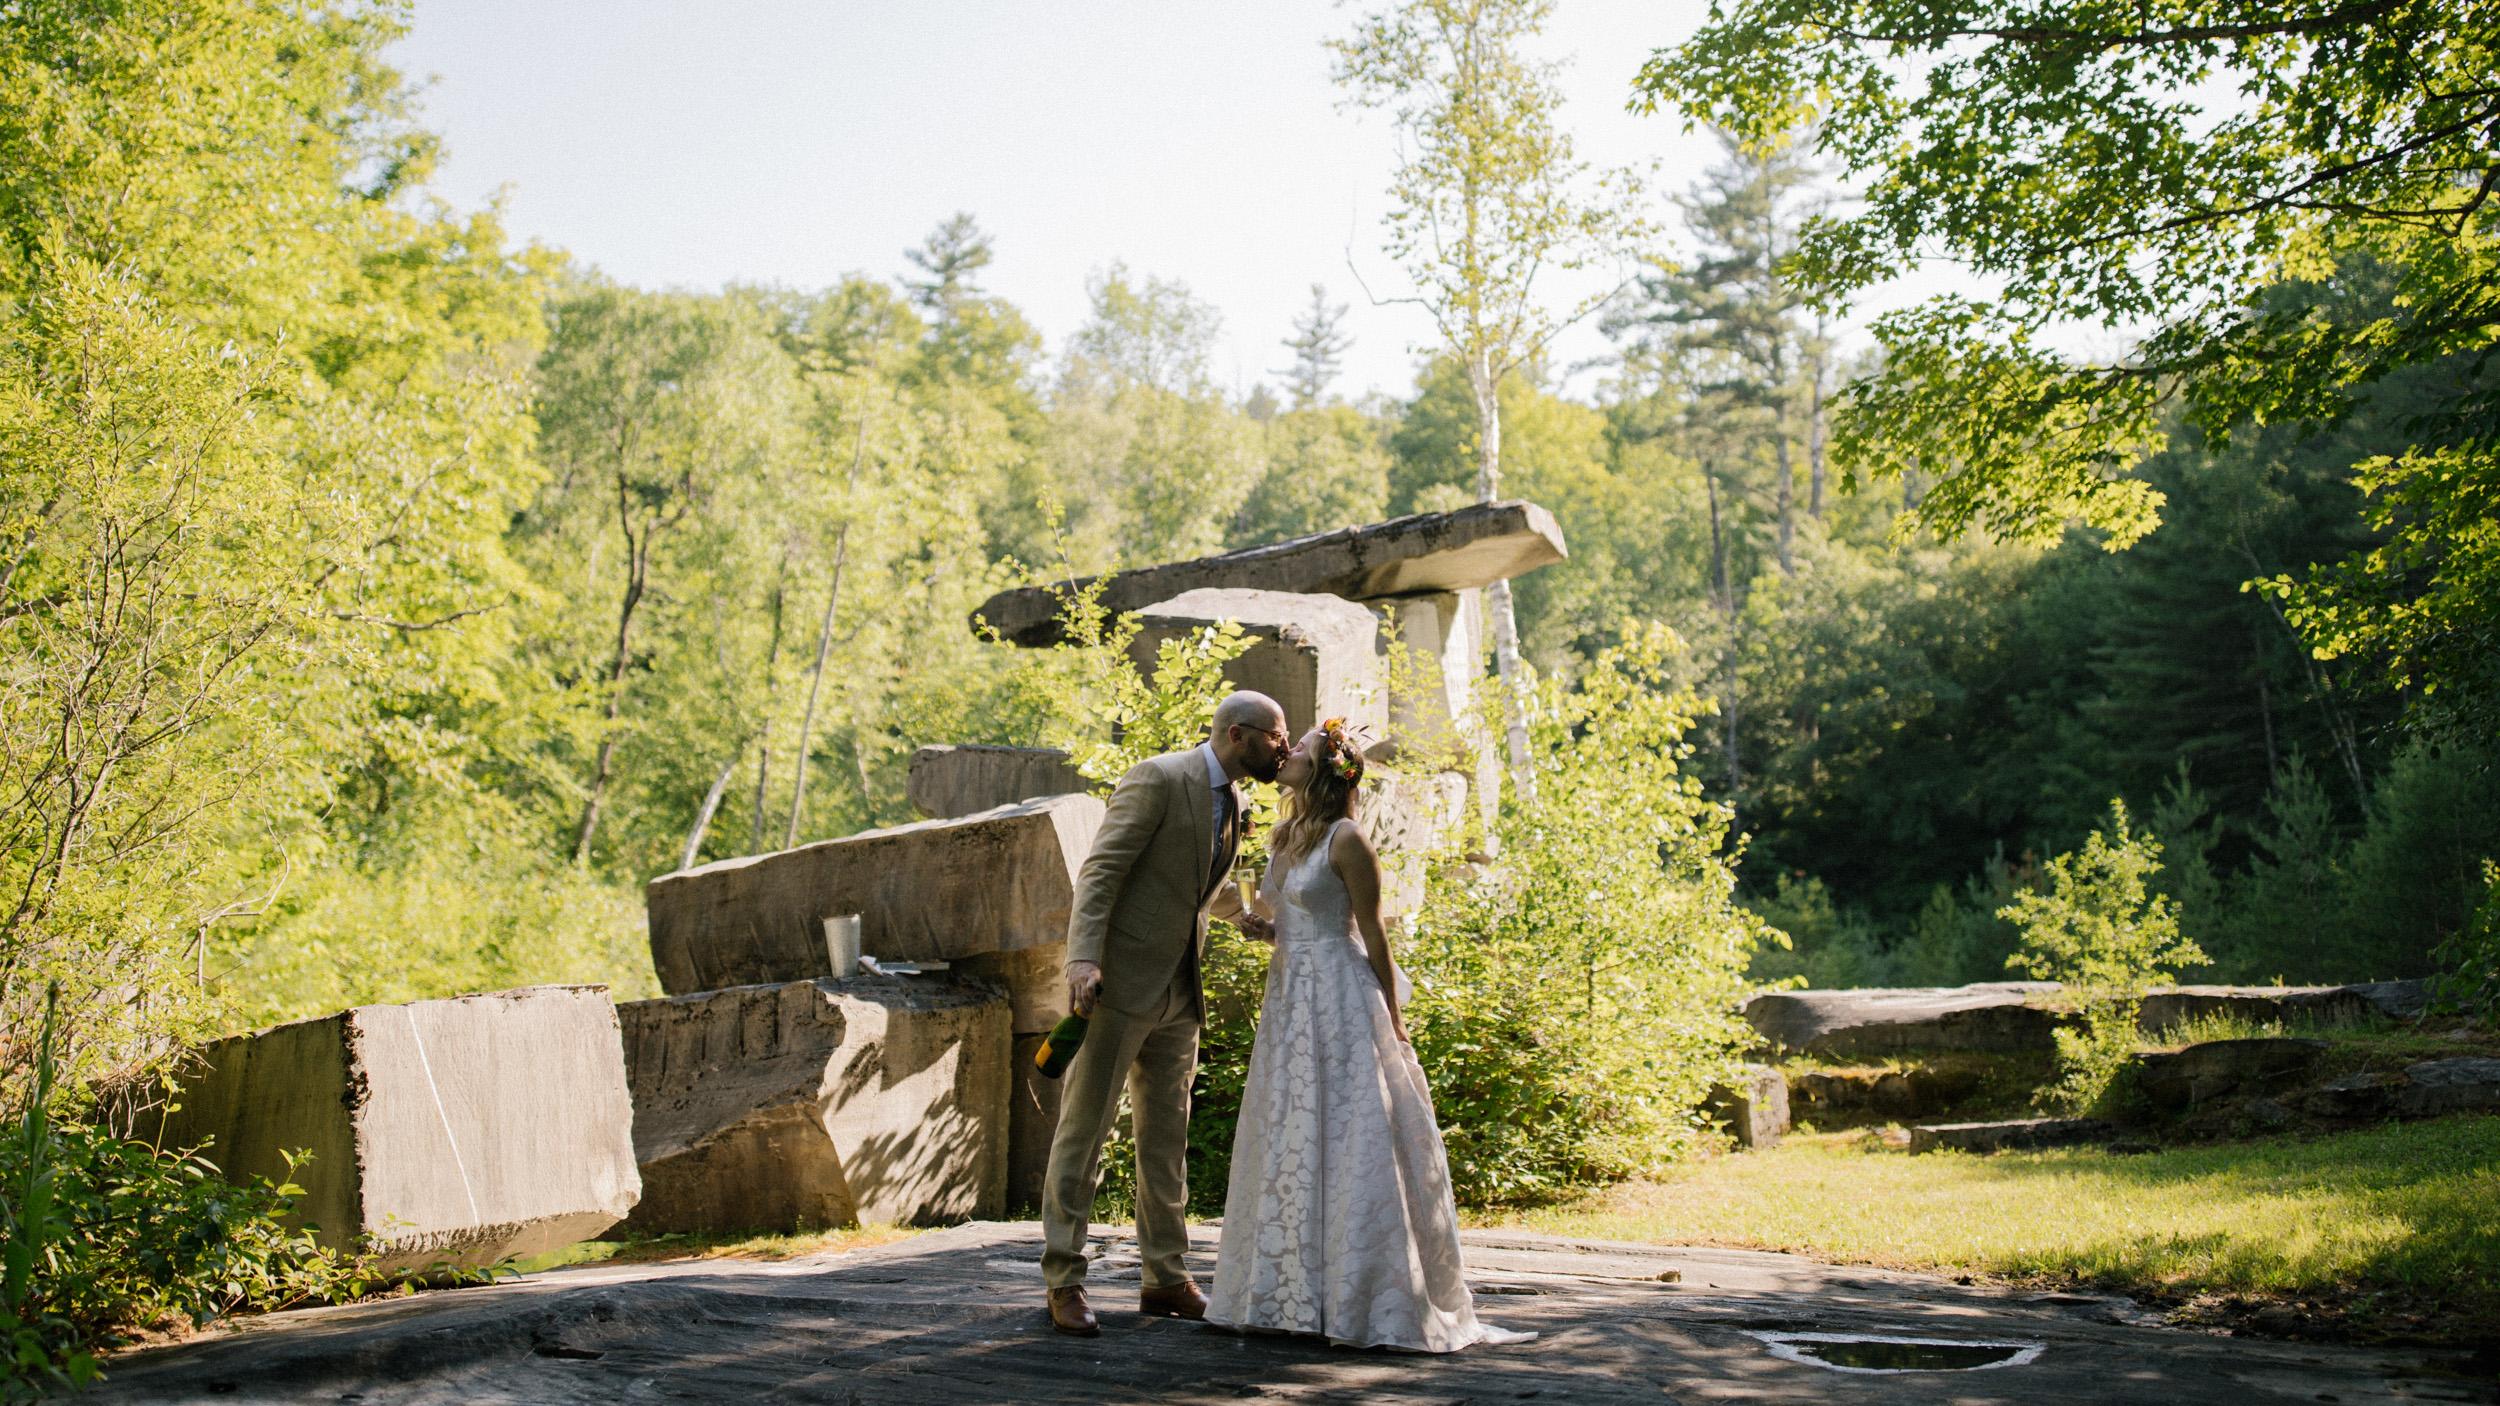 alec_vanderboom_vermont_wedding_photography-0085.jpg